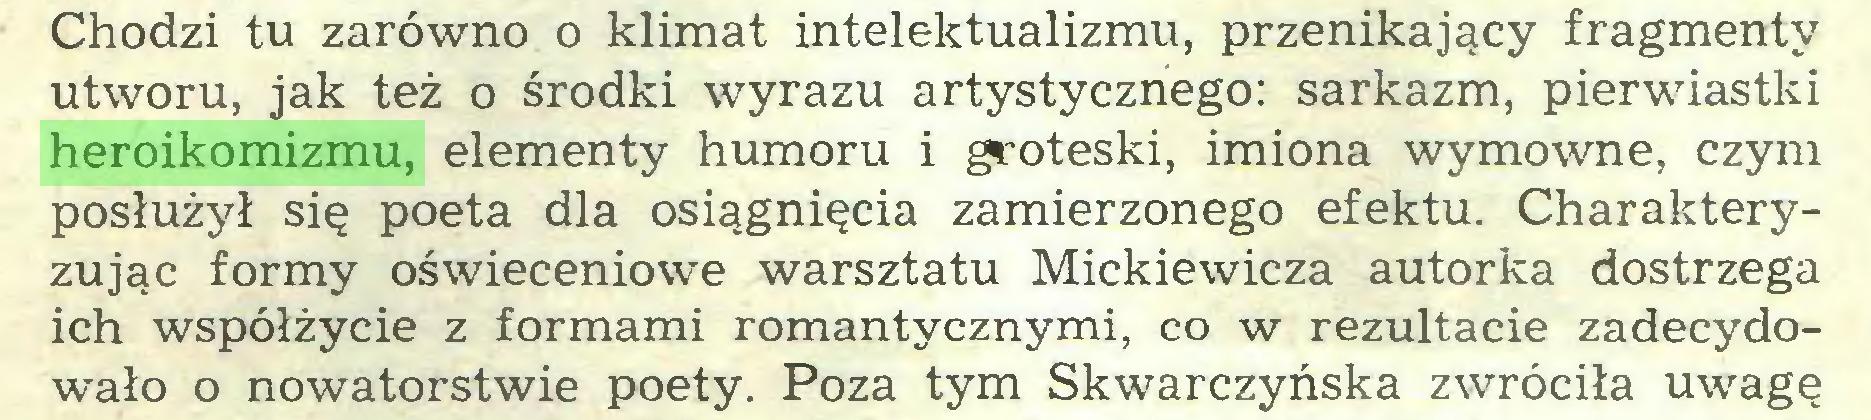 (...) Chodzi tu zarówno o klimat intelektualizmu, przenikający fragmenty utworu, jak też o środki wyrazu artystycznego: sarkazm, pierwiastki heroikomizmu, elementy humoru i groteski, imiona wymowne, czym posłużył się poeta dla osiągnięcia zamierzonego efektu. Charakteryzując formy oświeceniowe warsztatu Mickiewicza autorka dostrzega ich współżycie z formami romantycznymi, co w rezultacie zadecydowało o nowatorstwie poety. Poza tym Skwarczyńska zwróciła uwagę...